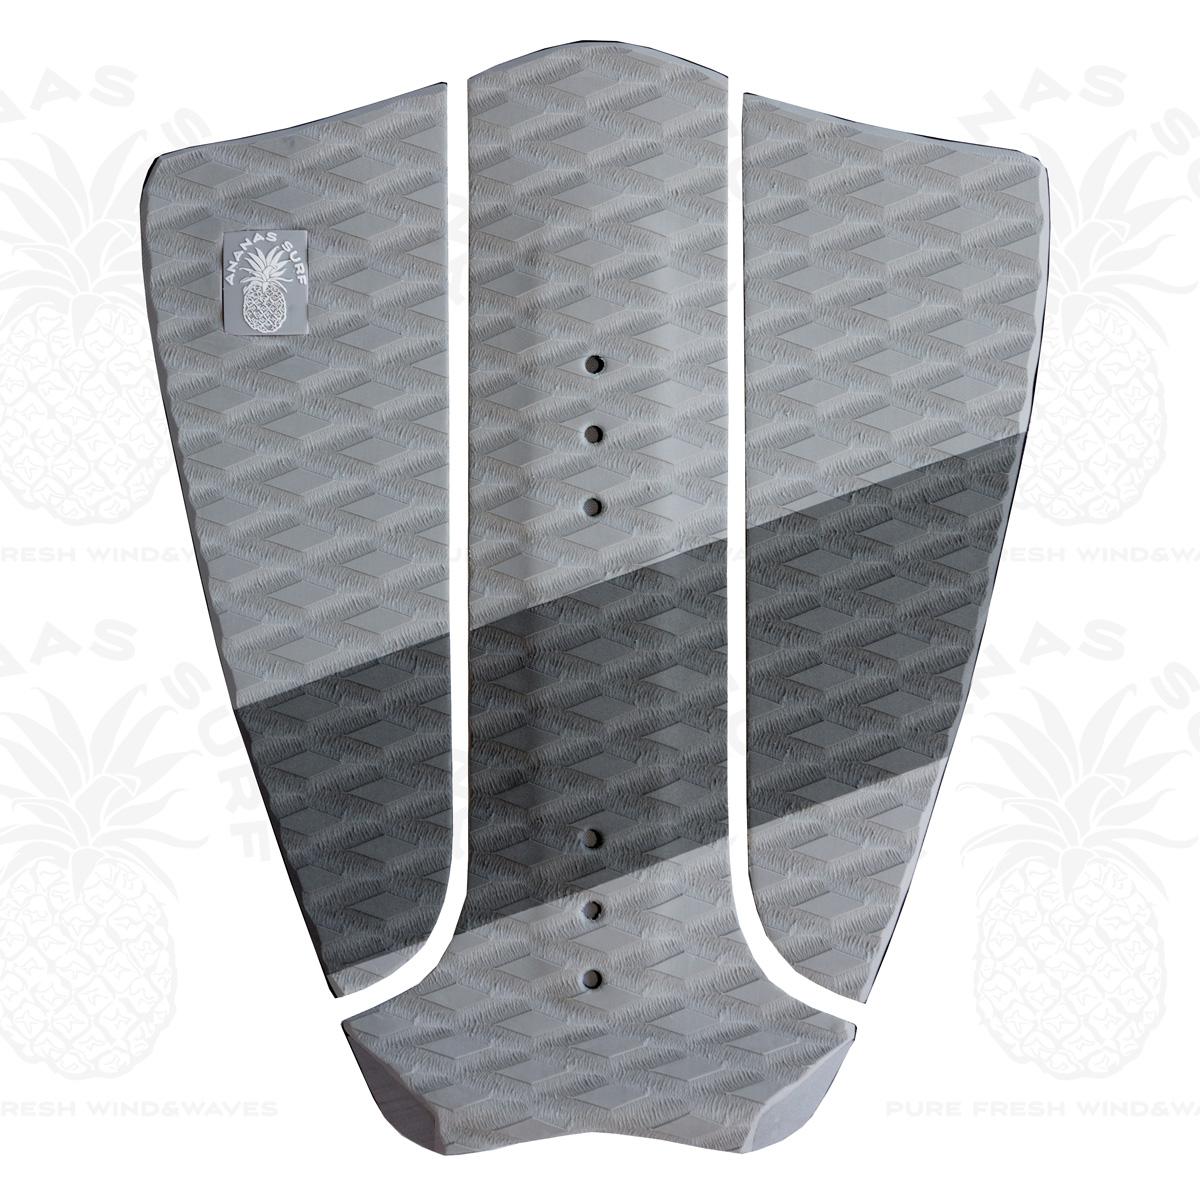 ANANAS SURF Кайтсерфинг панель циновка нескользящие Коврик для хвоста кайтов